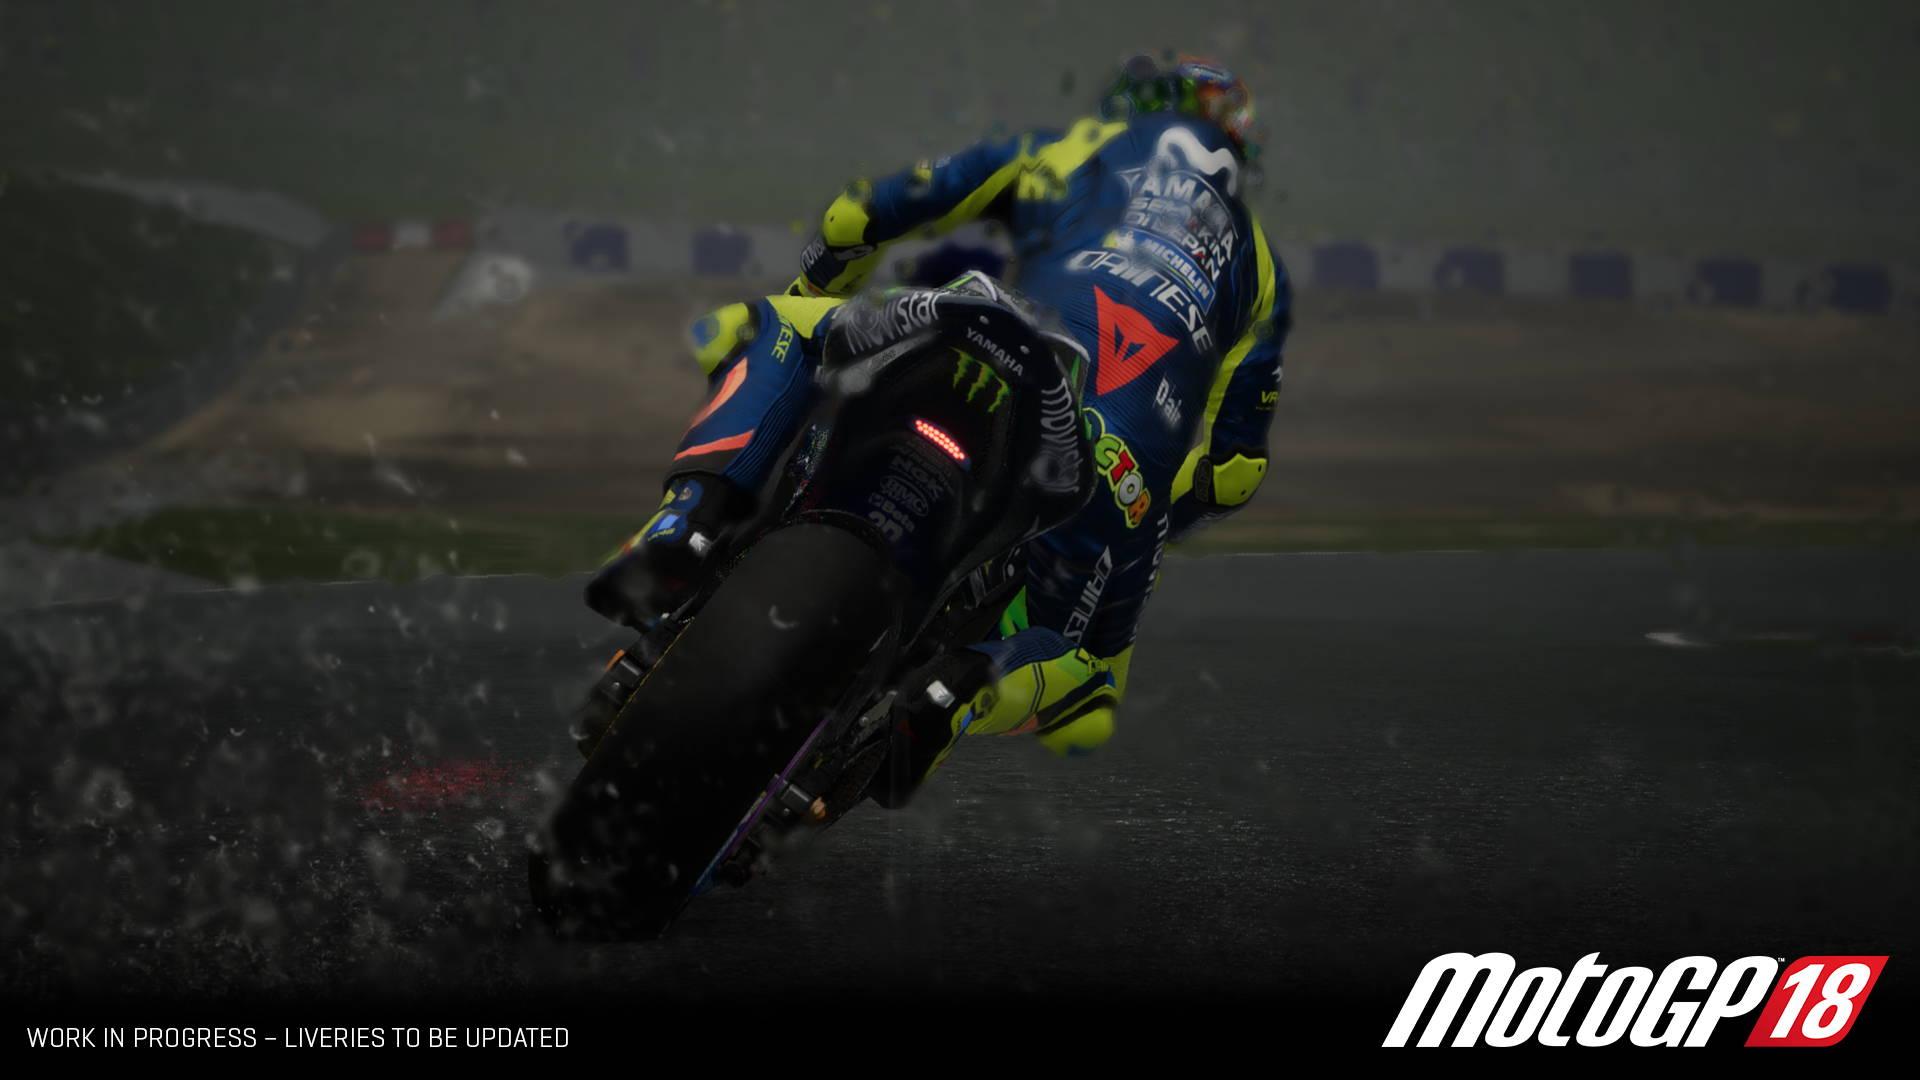 motogp18_images_0002